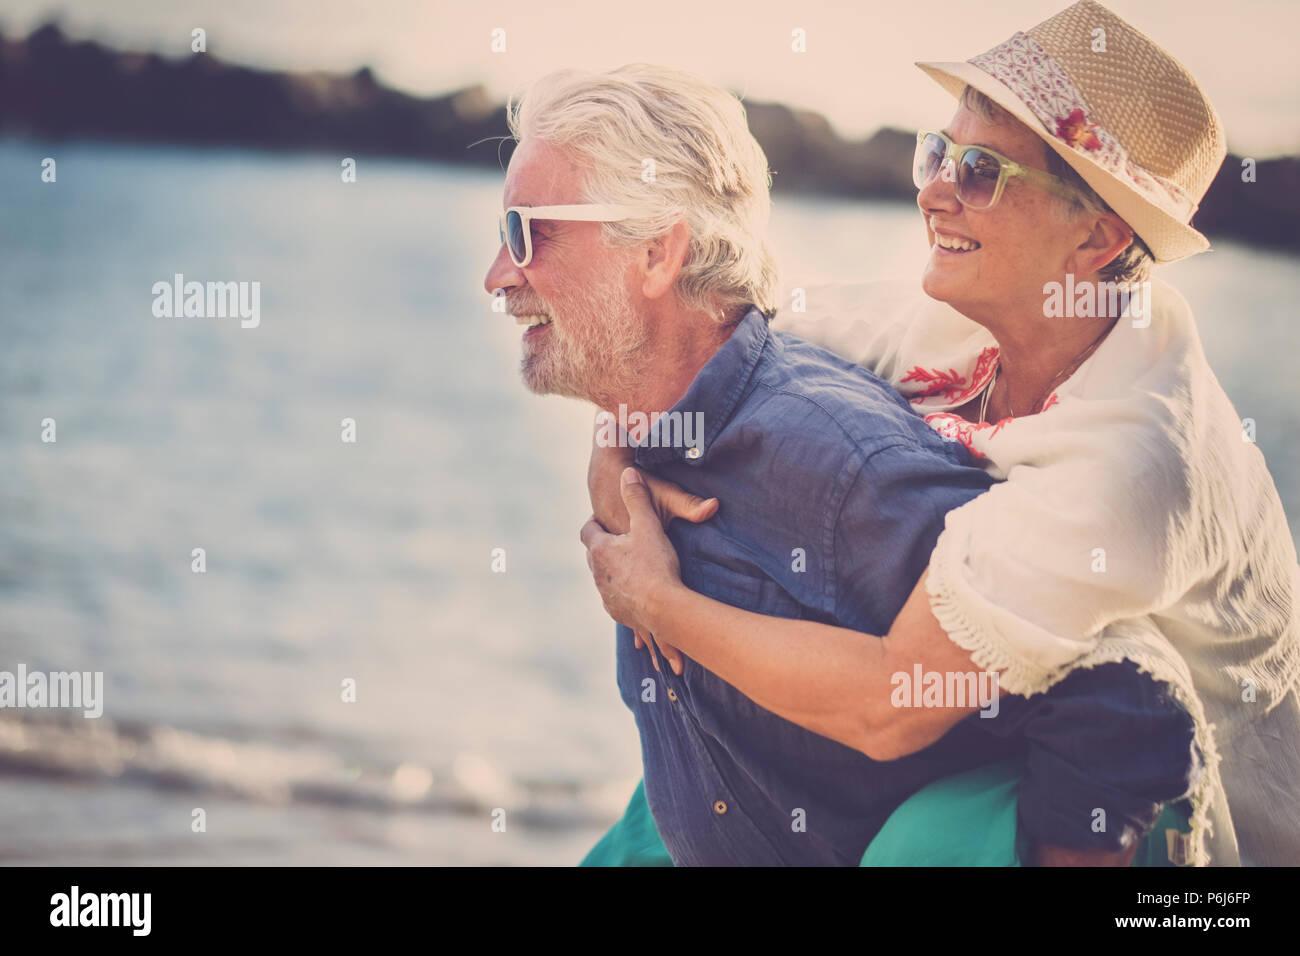 Feliz pareja senior de divertirse y disfrutar de actividades de ocio al aire libre en la playa. El hombre llevar a la mujer sobre su espalda para disfrutar juntos un jubilado lifestyl Imagen De Stock